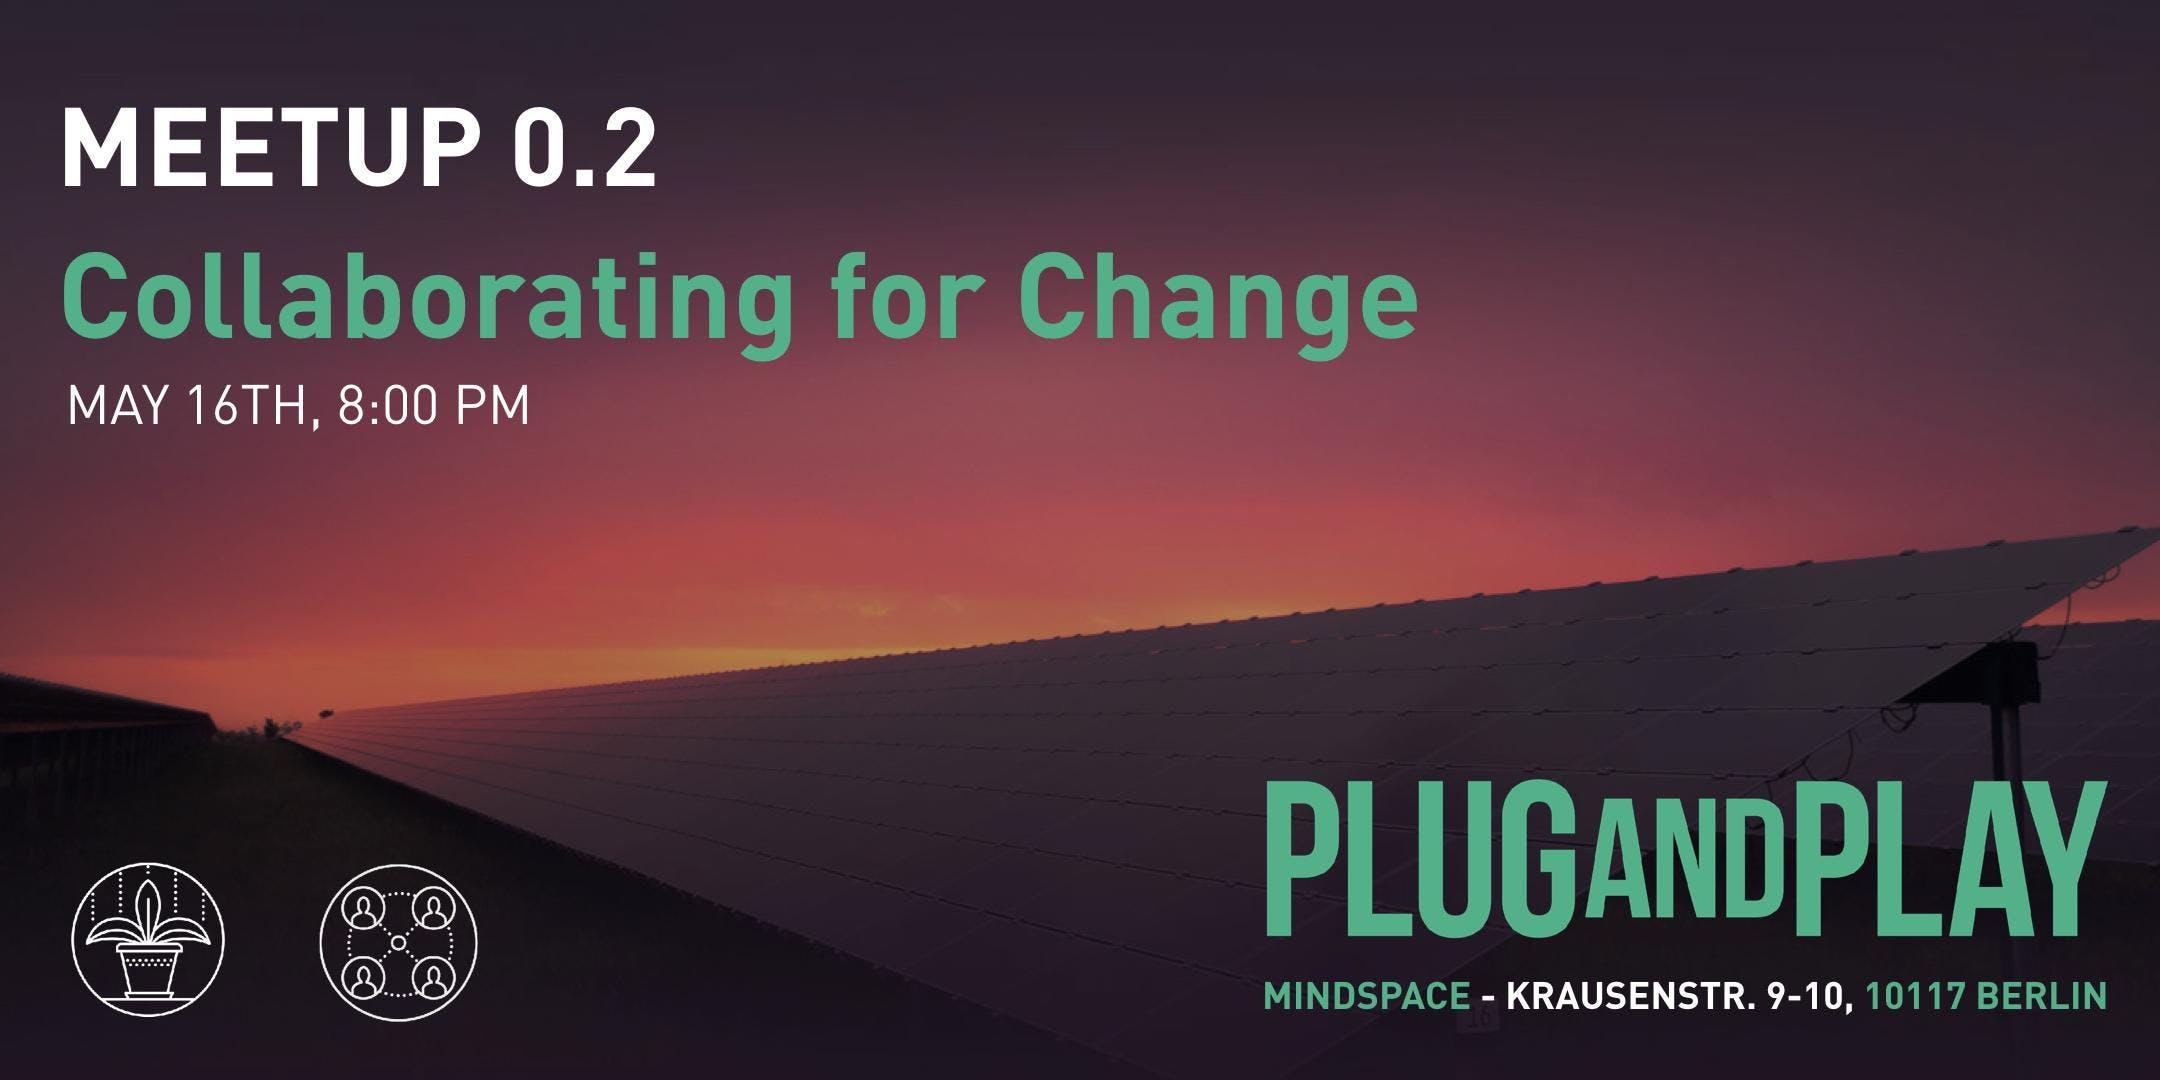 PLUG AND PLAY BERLIN MEETUP 0.2